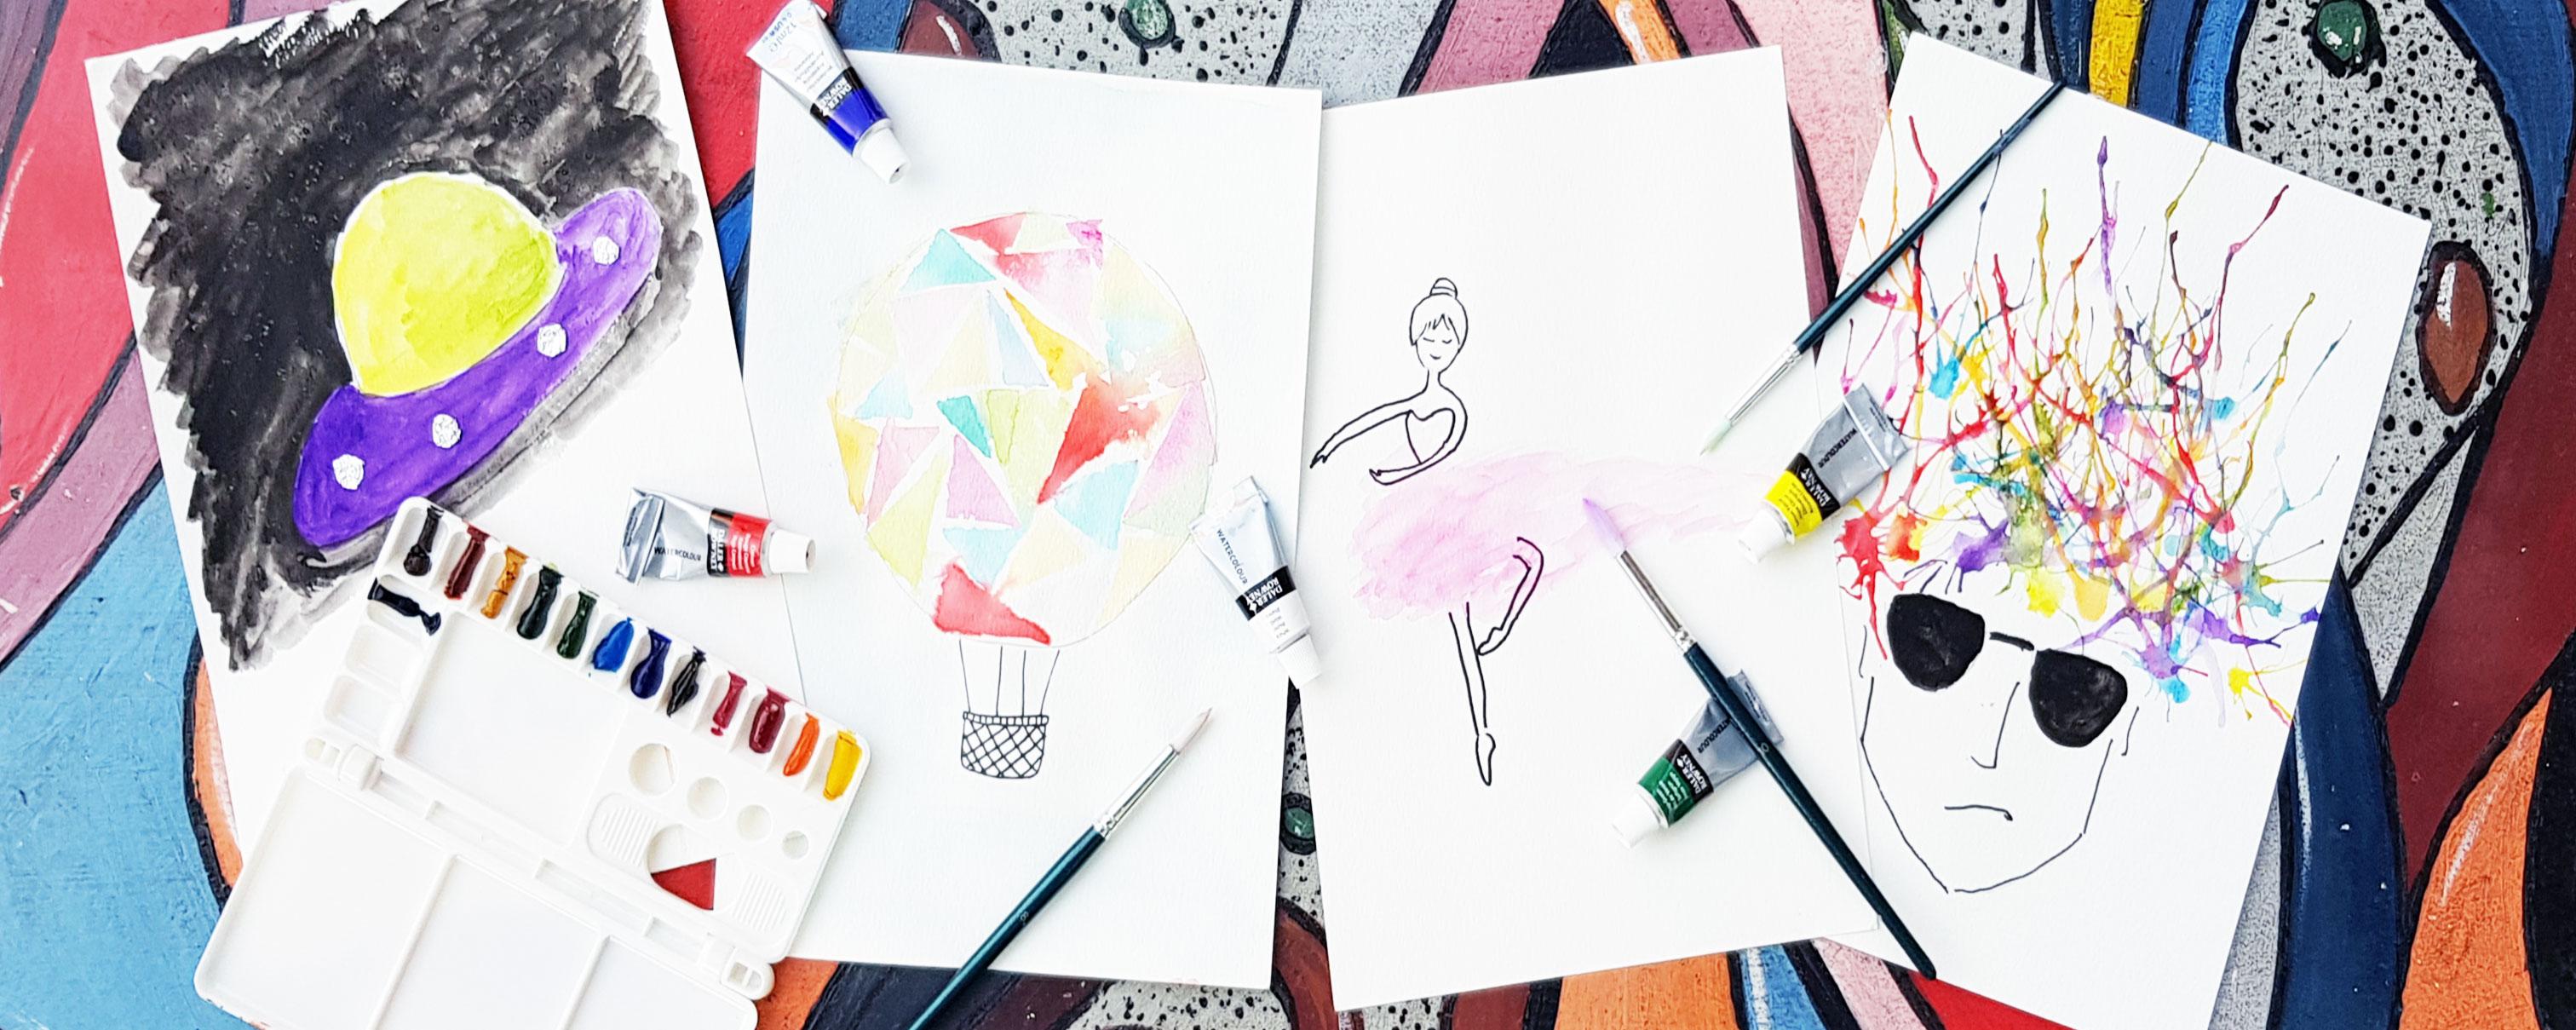 Art Jam for Children